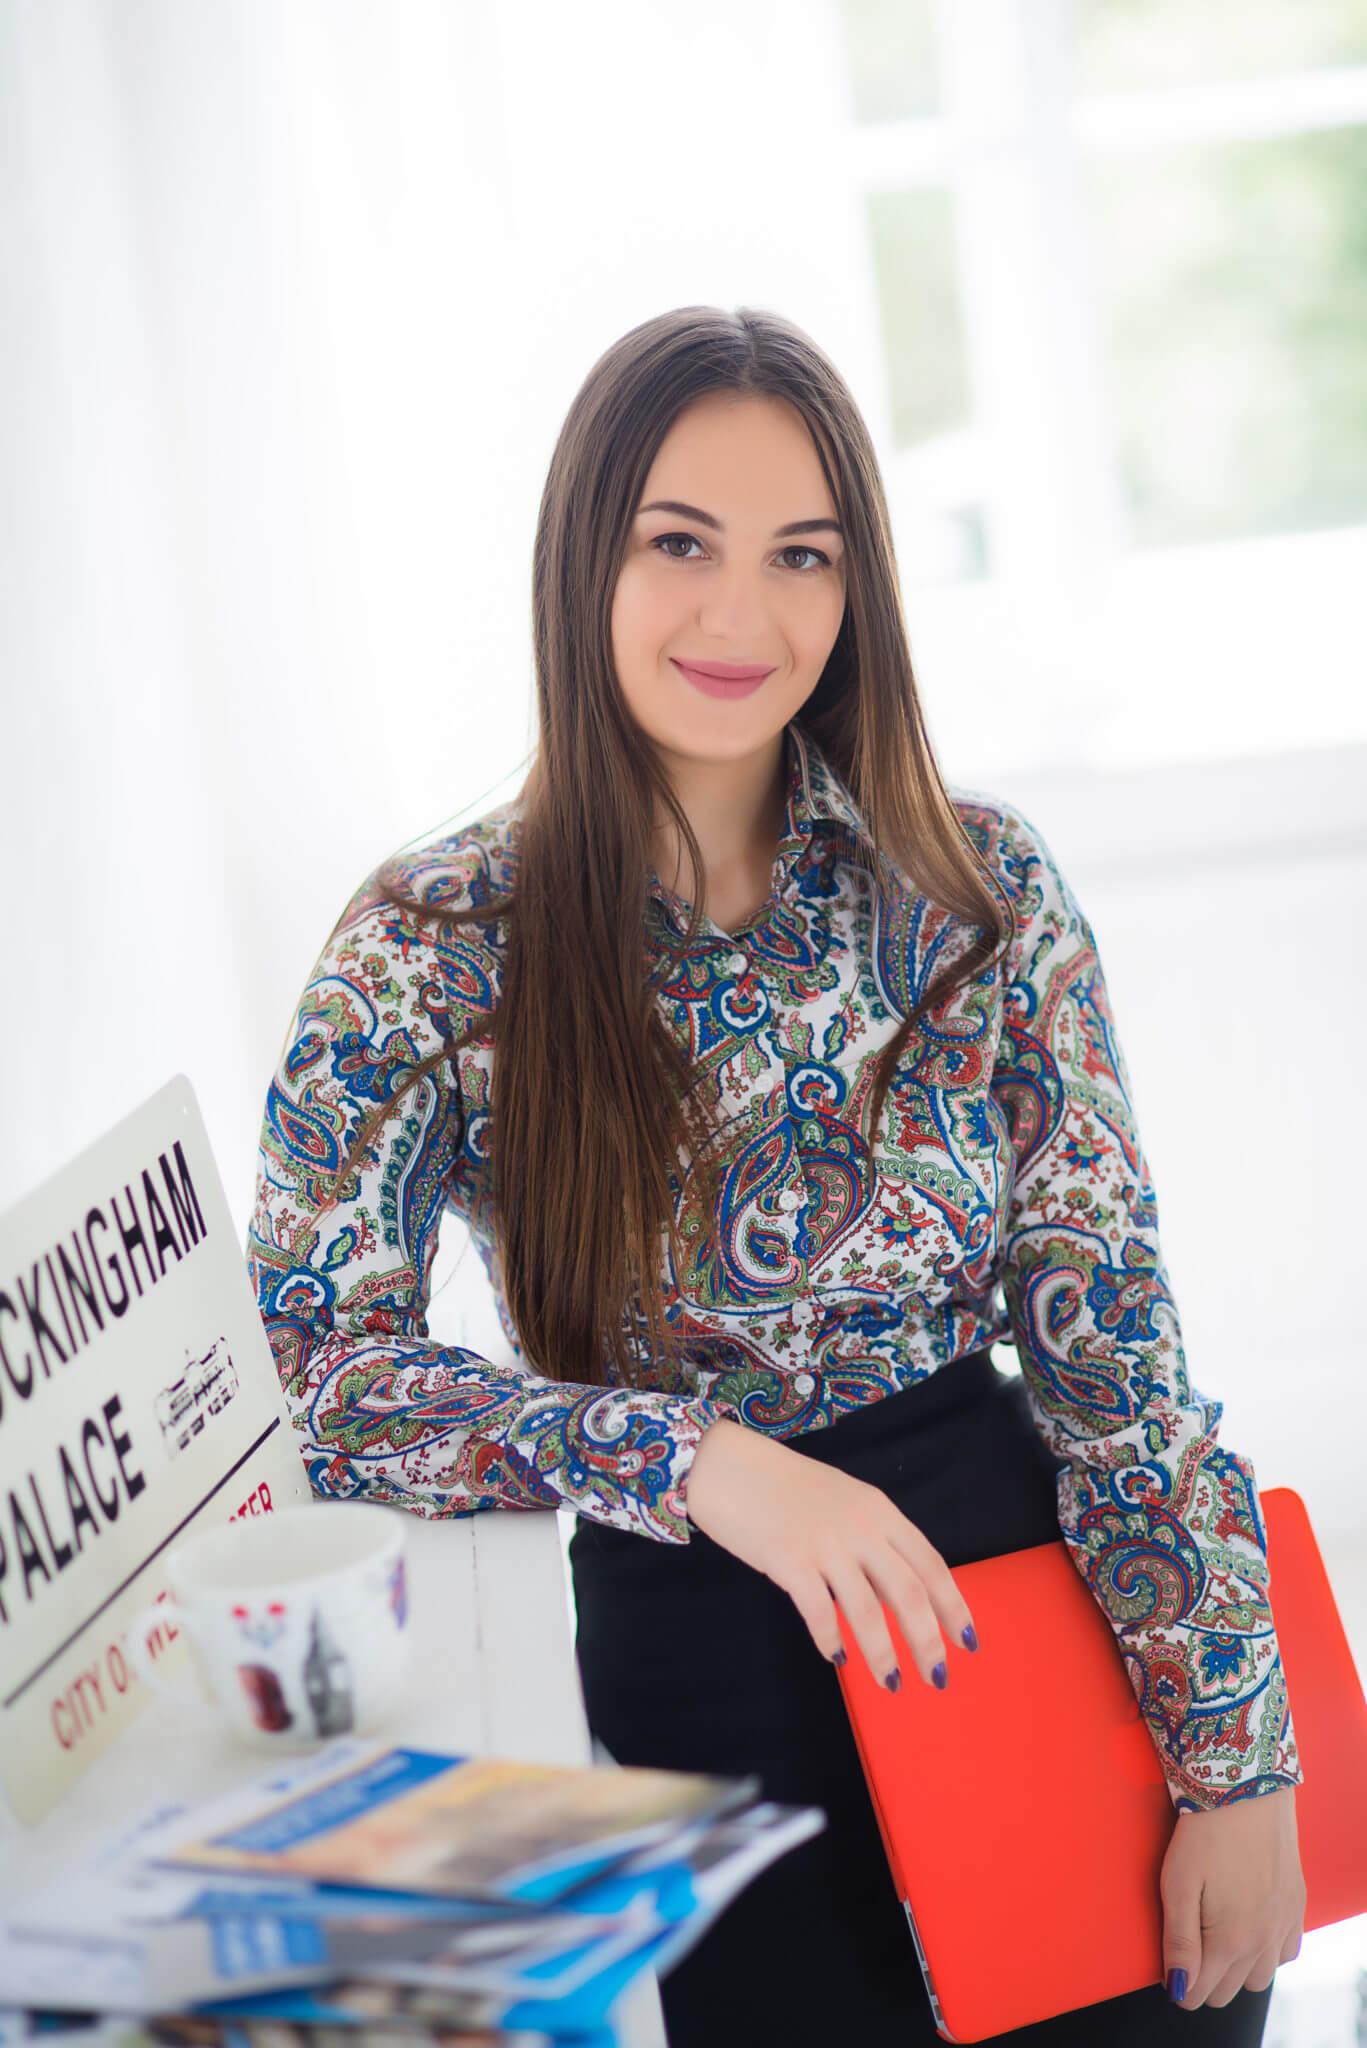 Деловой портрет, бизнес портфолио, портрет девушки в цветной рубашке и с папкой руках